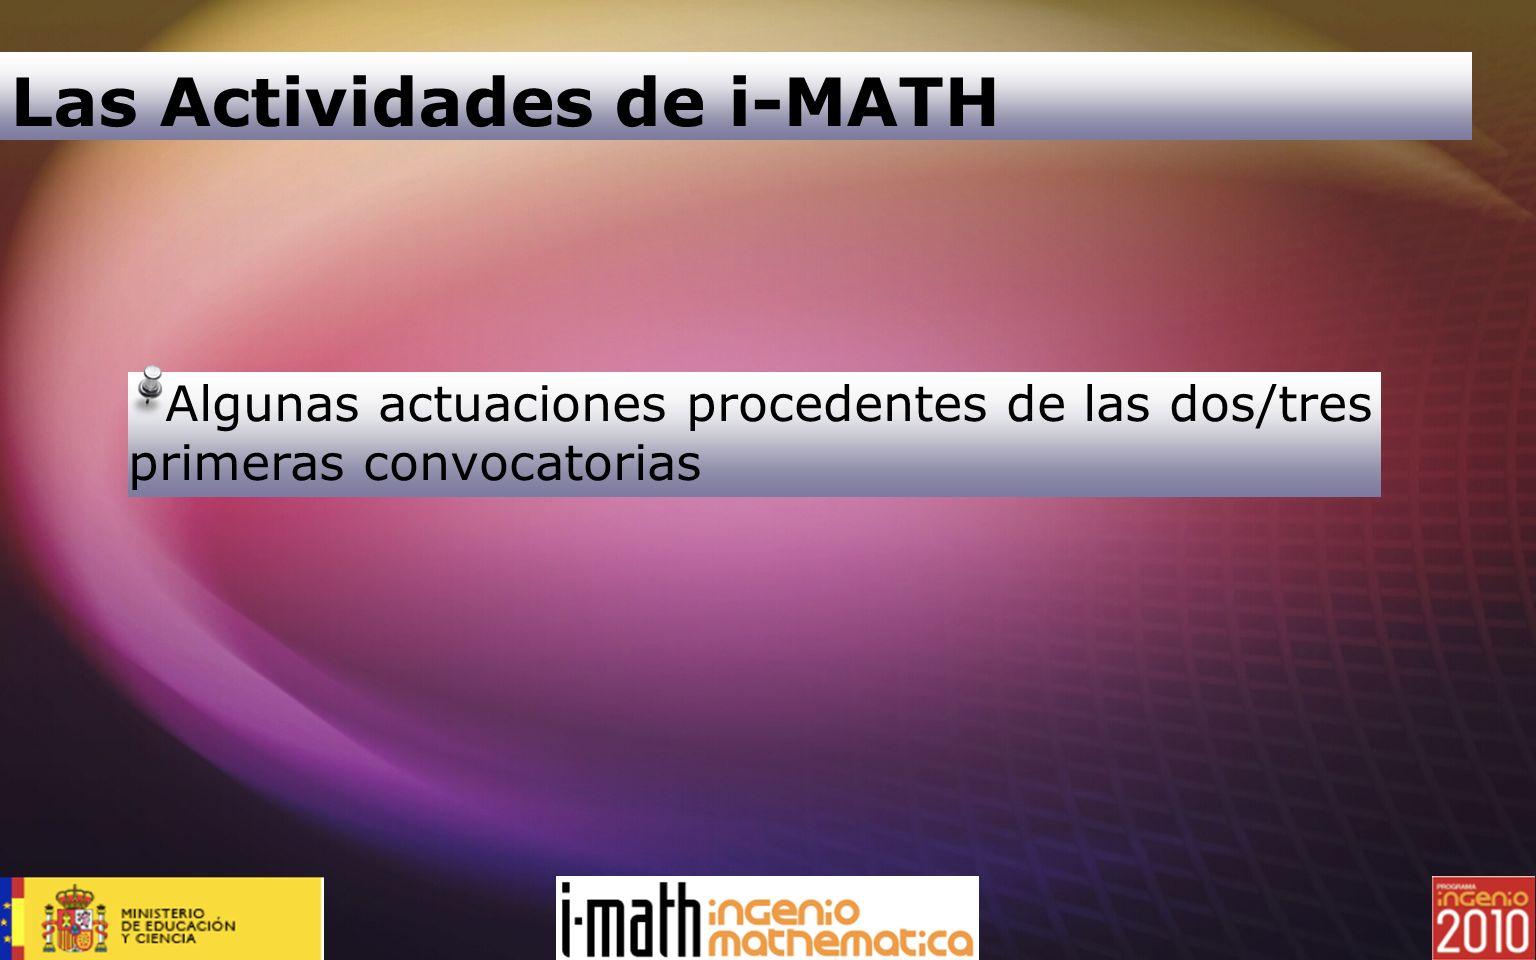 Las Actividades de i-MATH